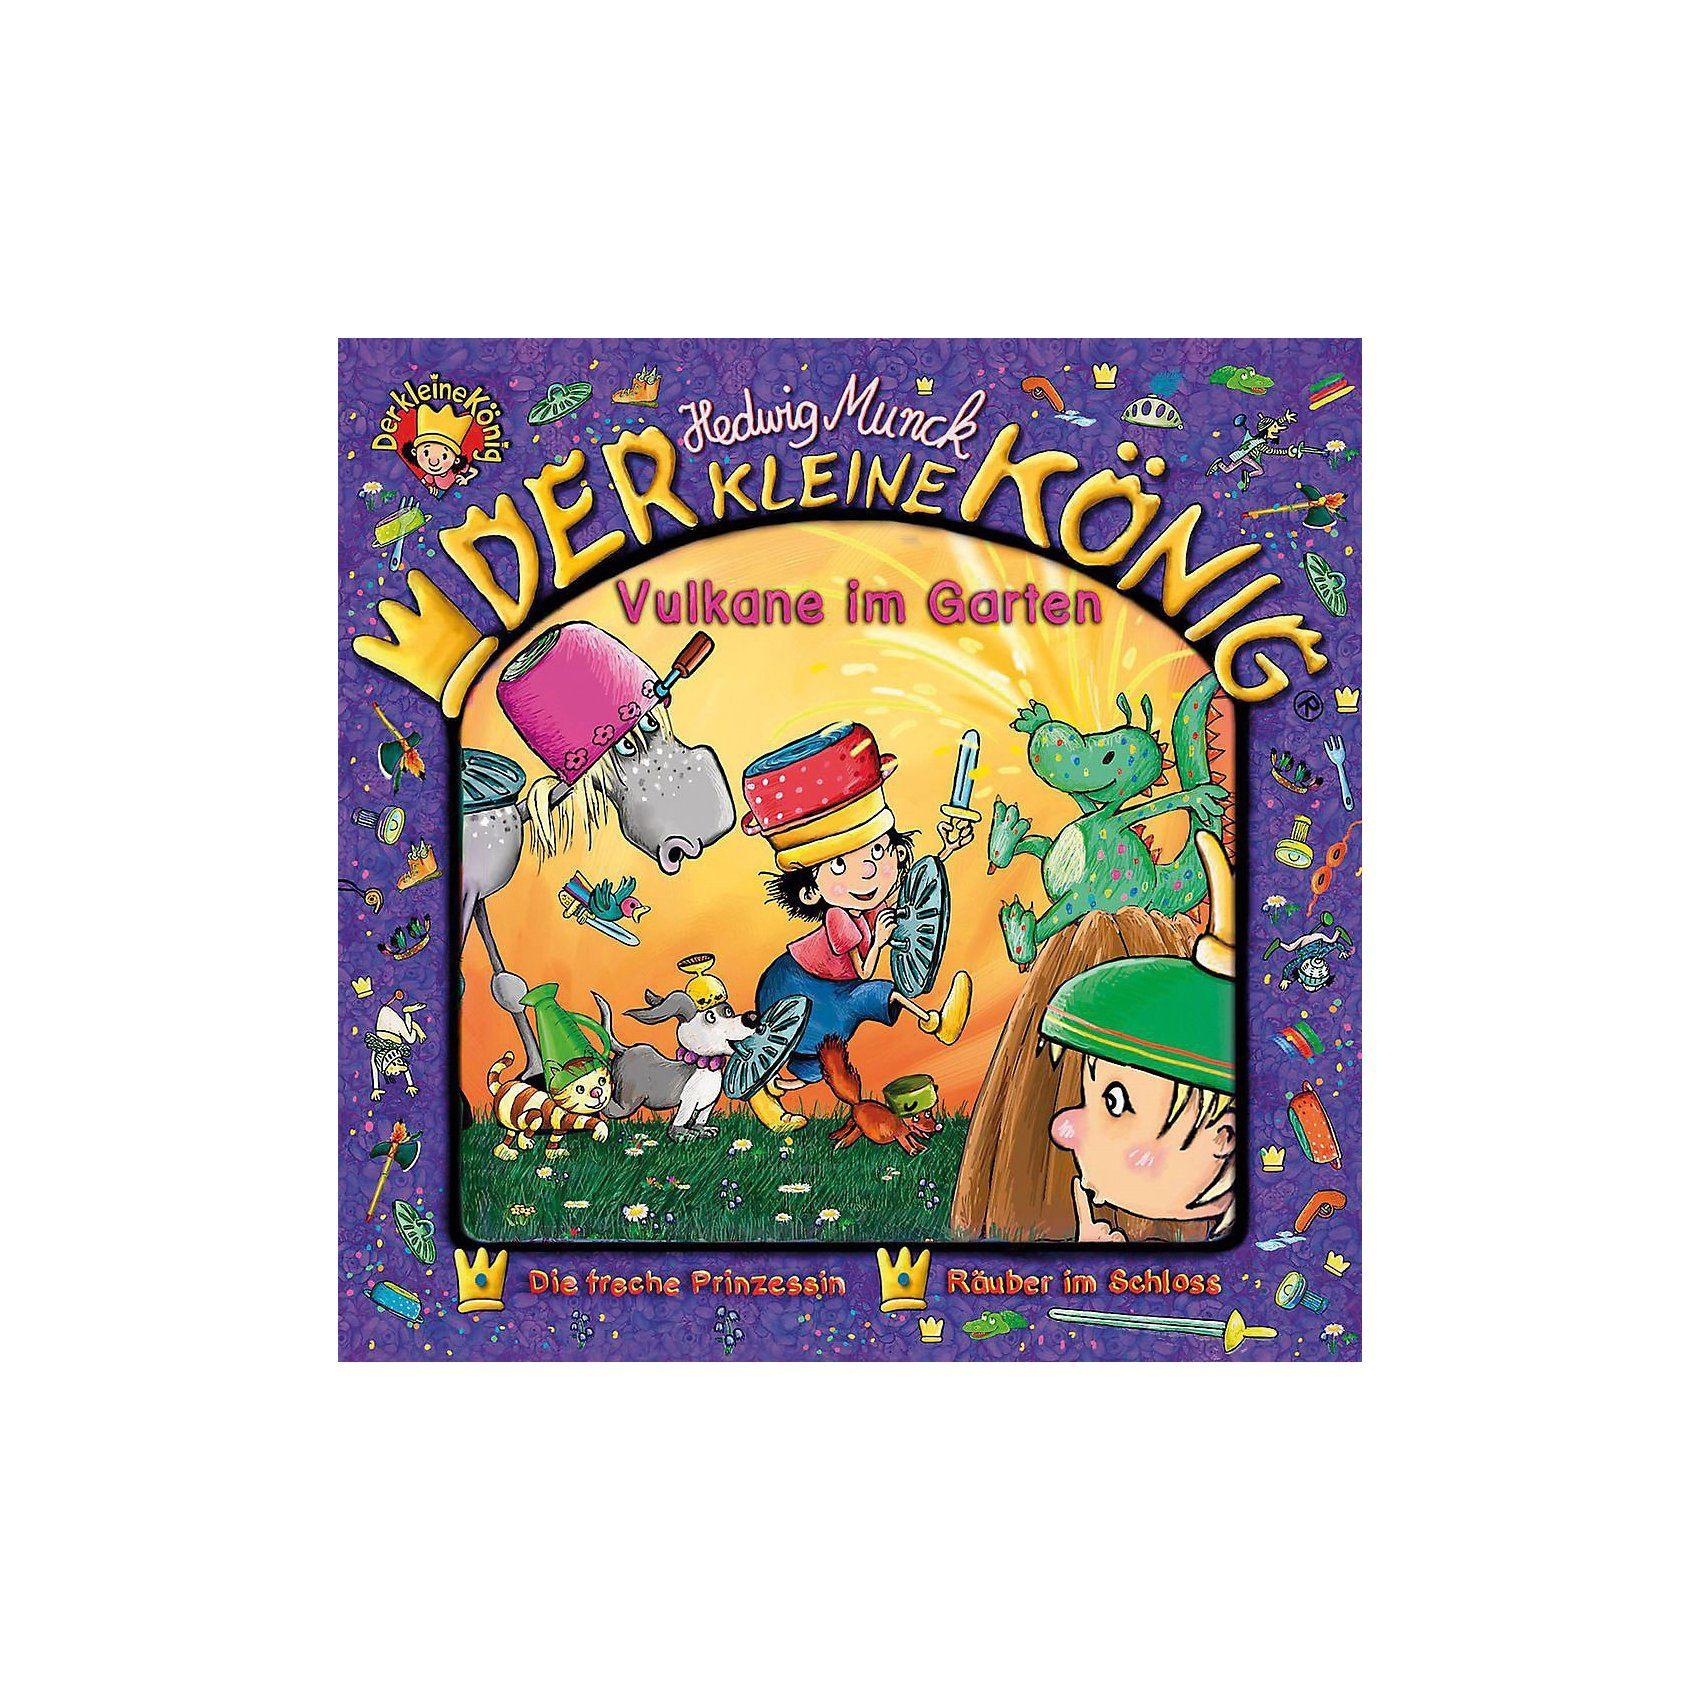 Universal CD Der Kleine König-29: Vulkane Im Garten